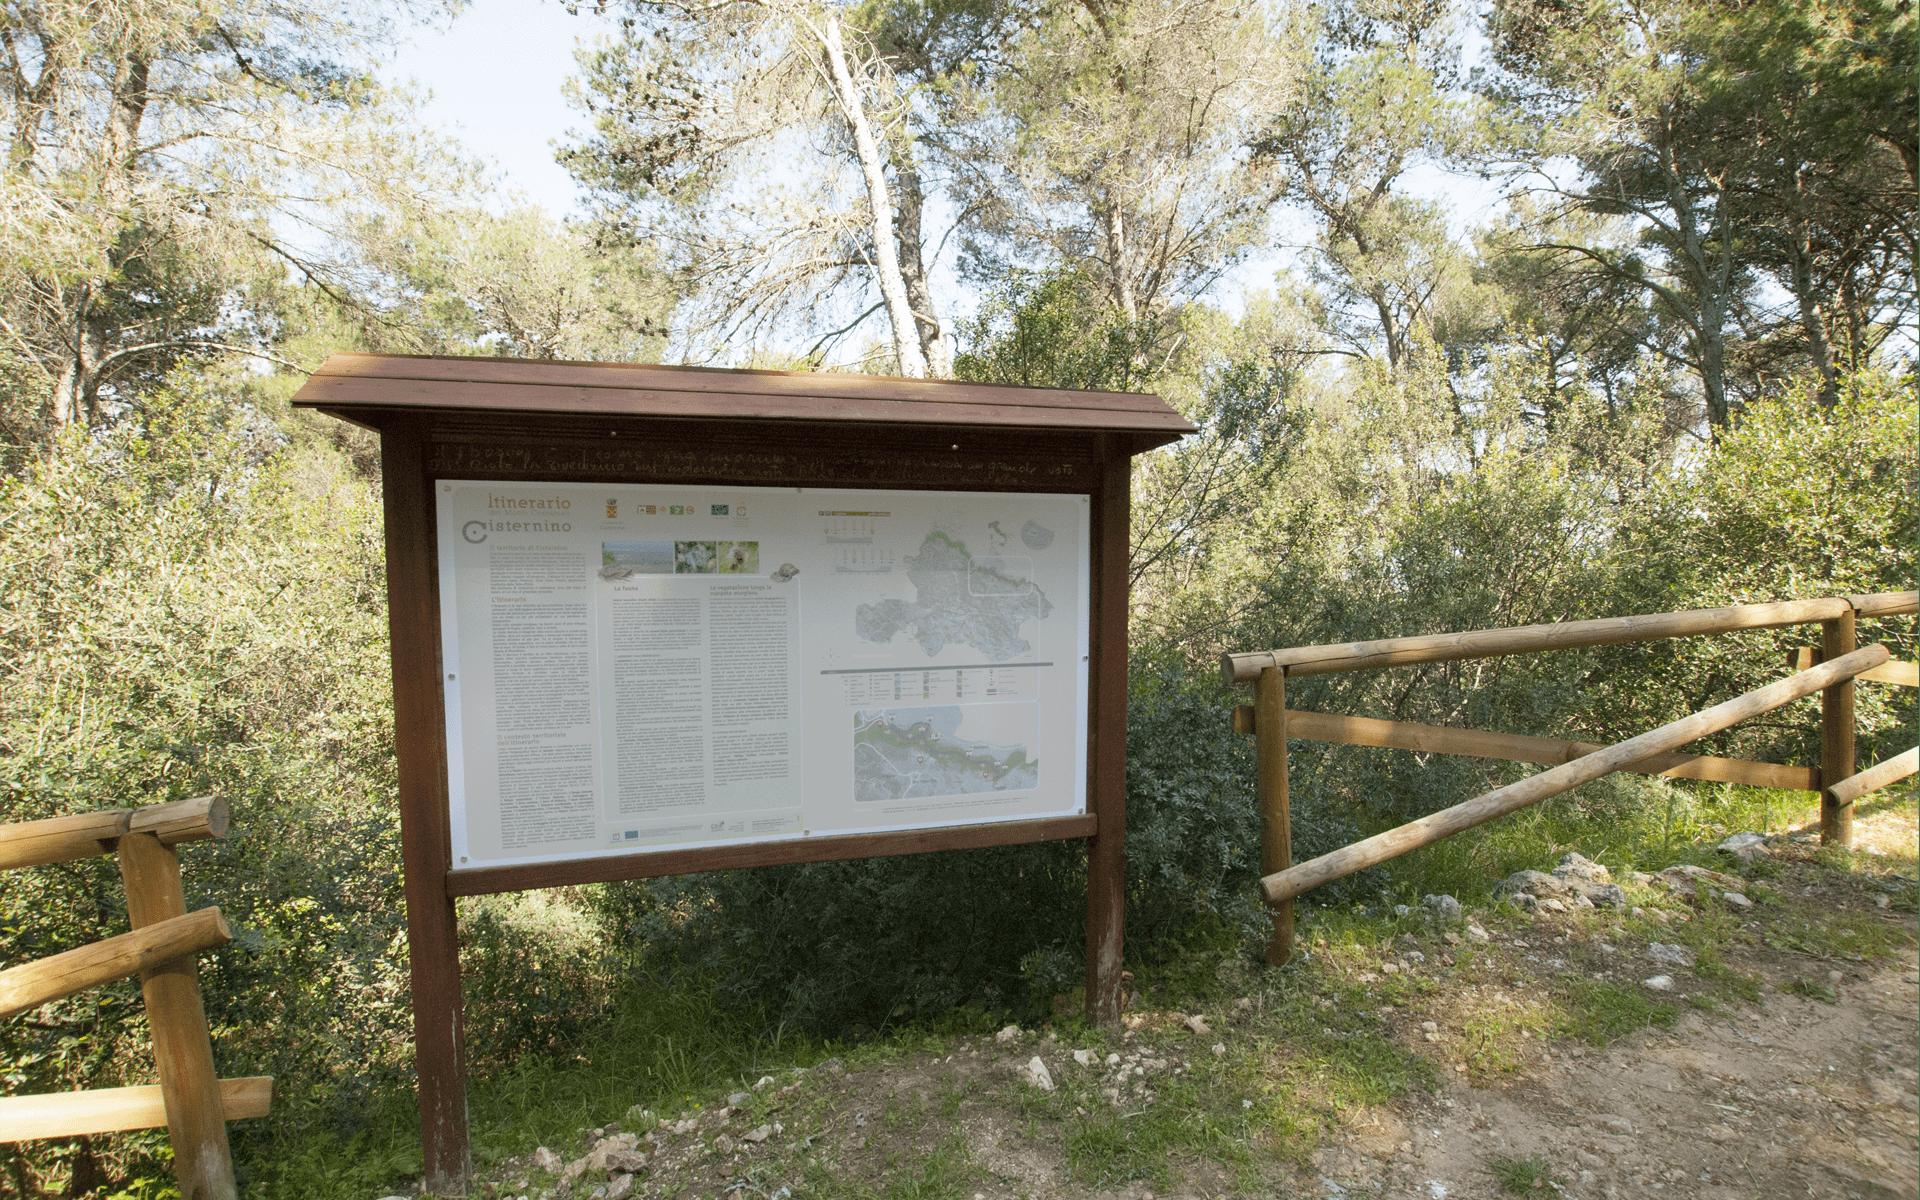 cisternino - pannelli - itinerari - monti comunali - Puglia - Pxcedizioni